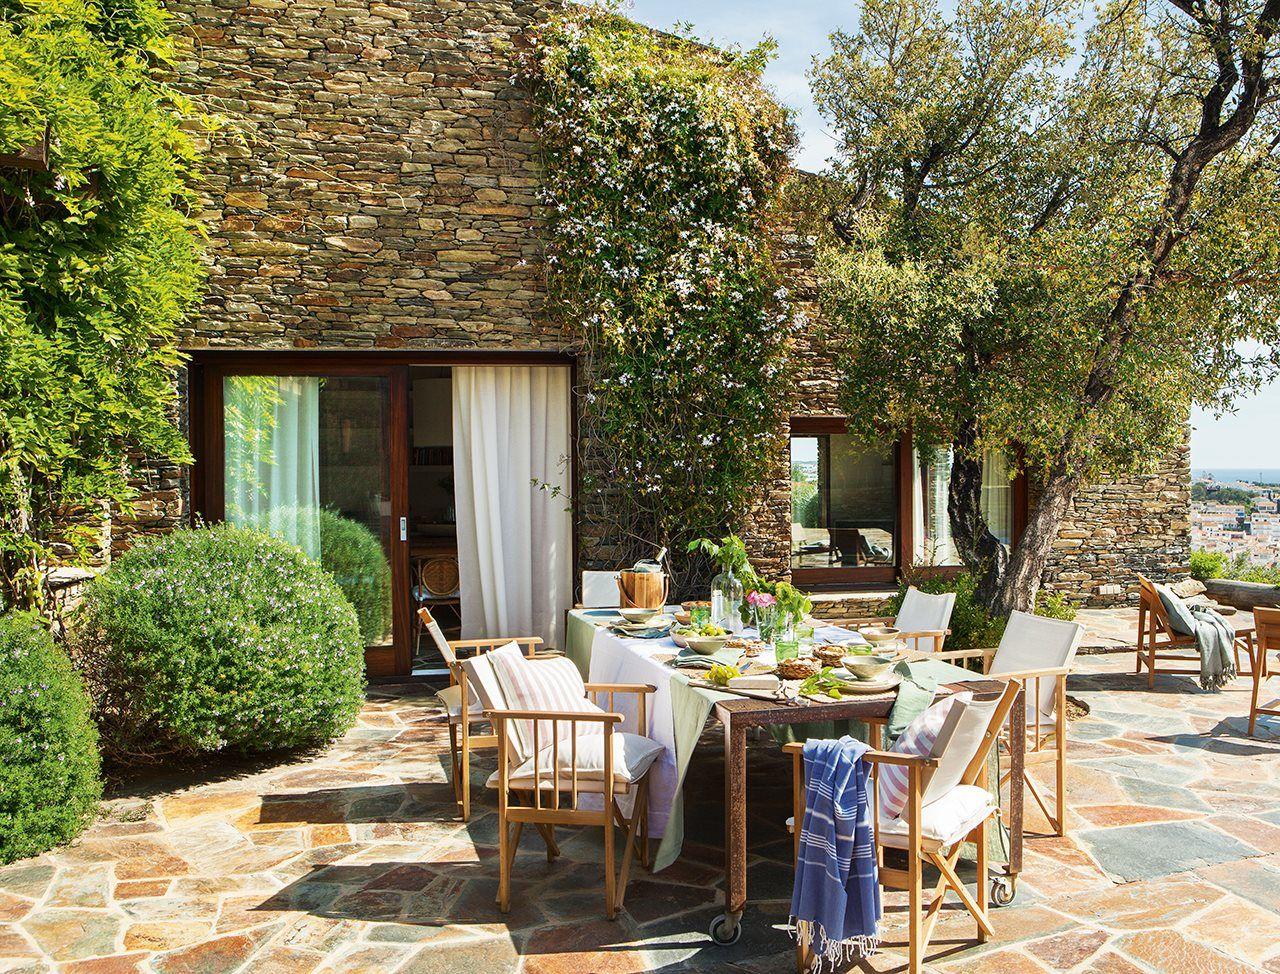 comedor al aire libre jardiner a pinterest casas